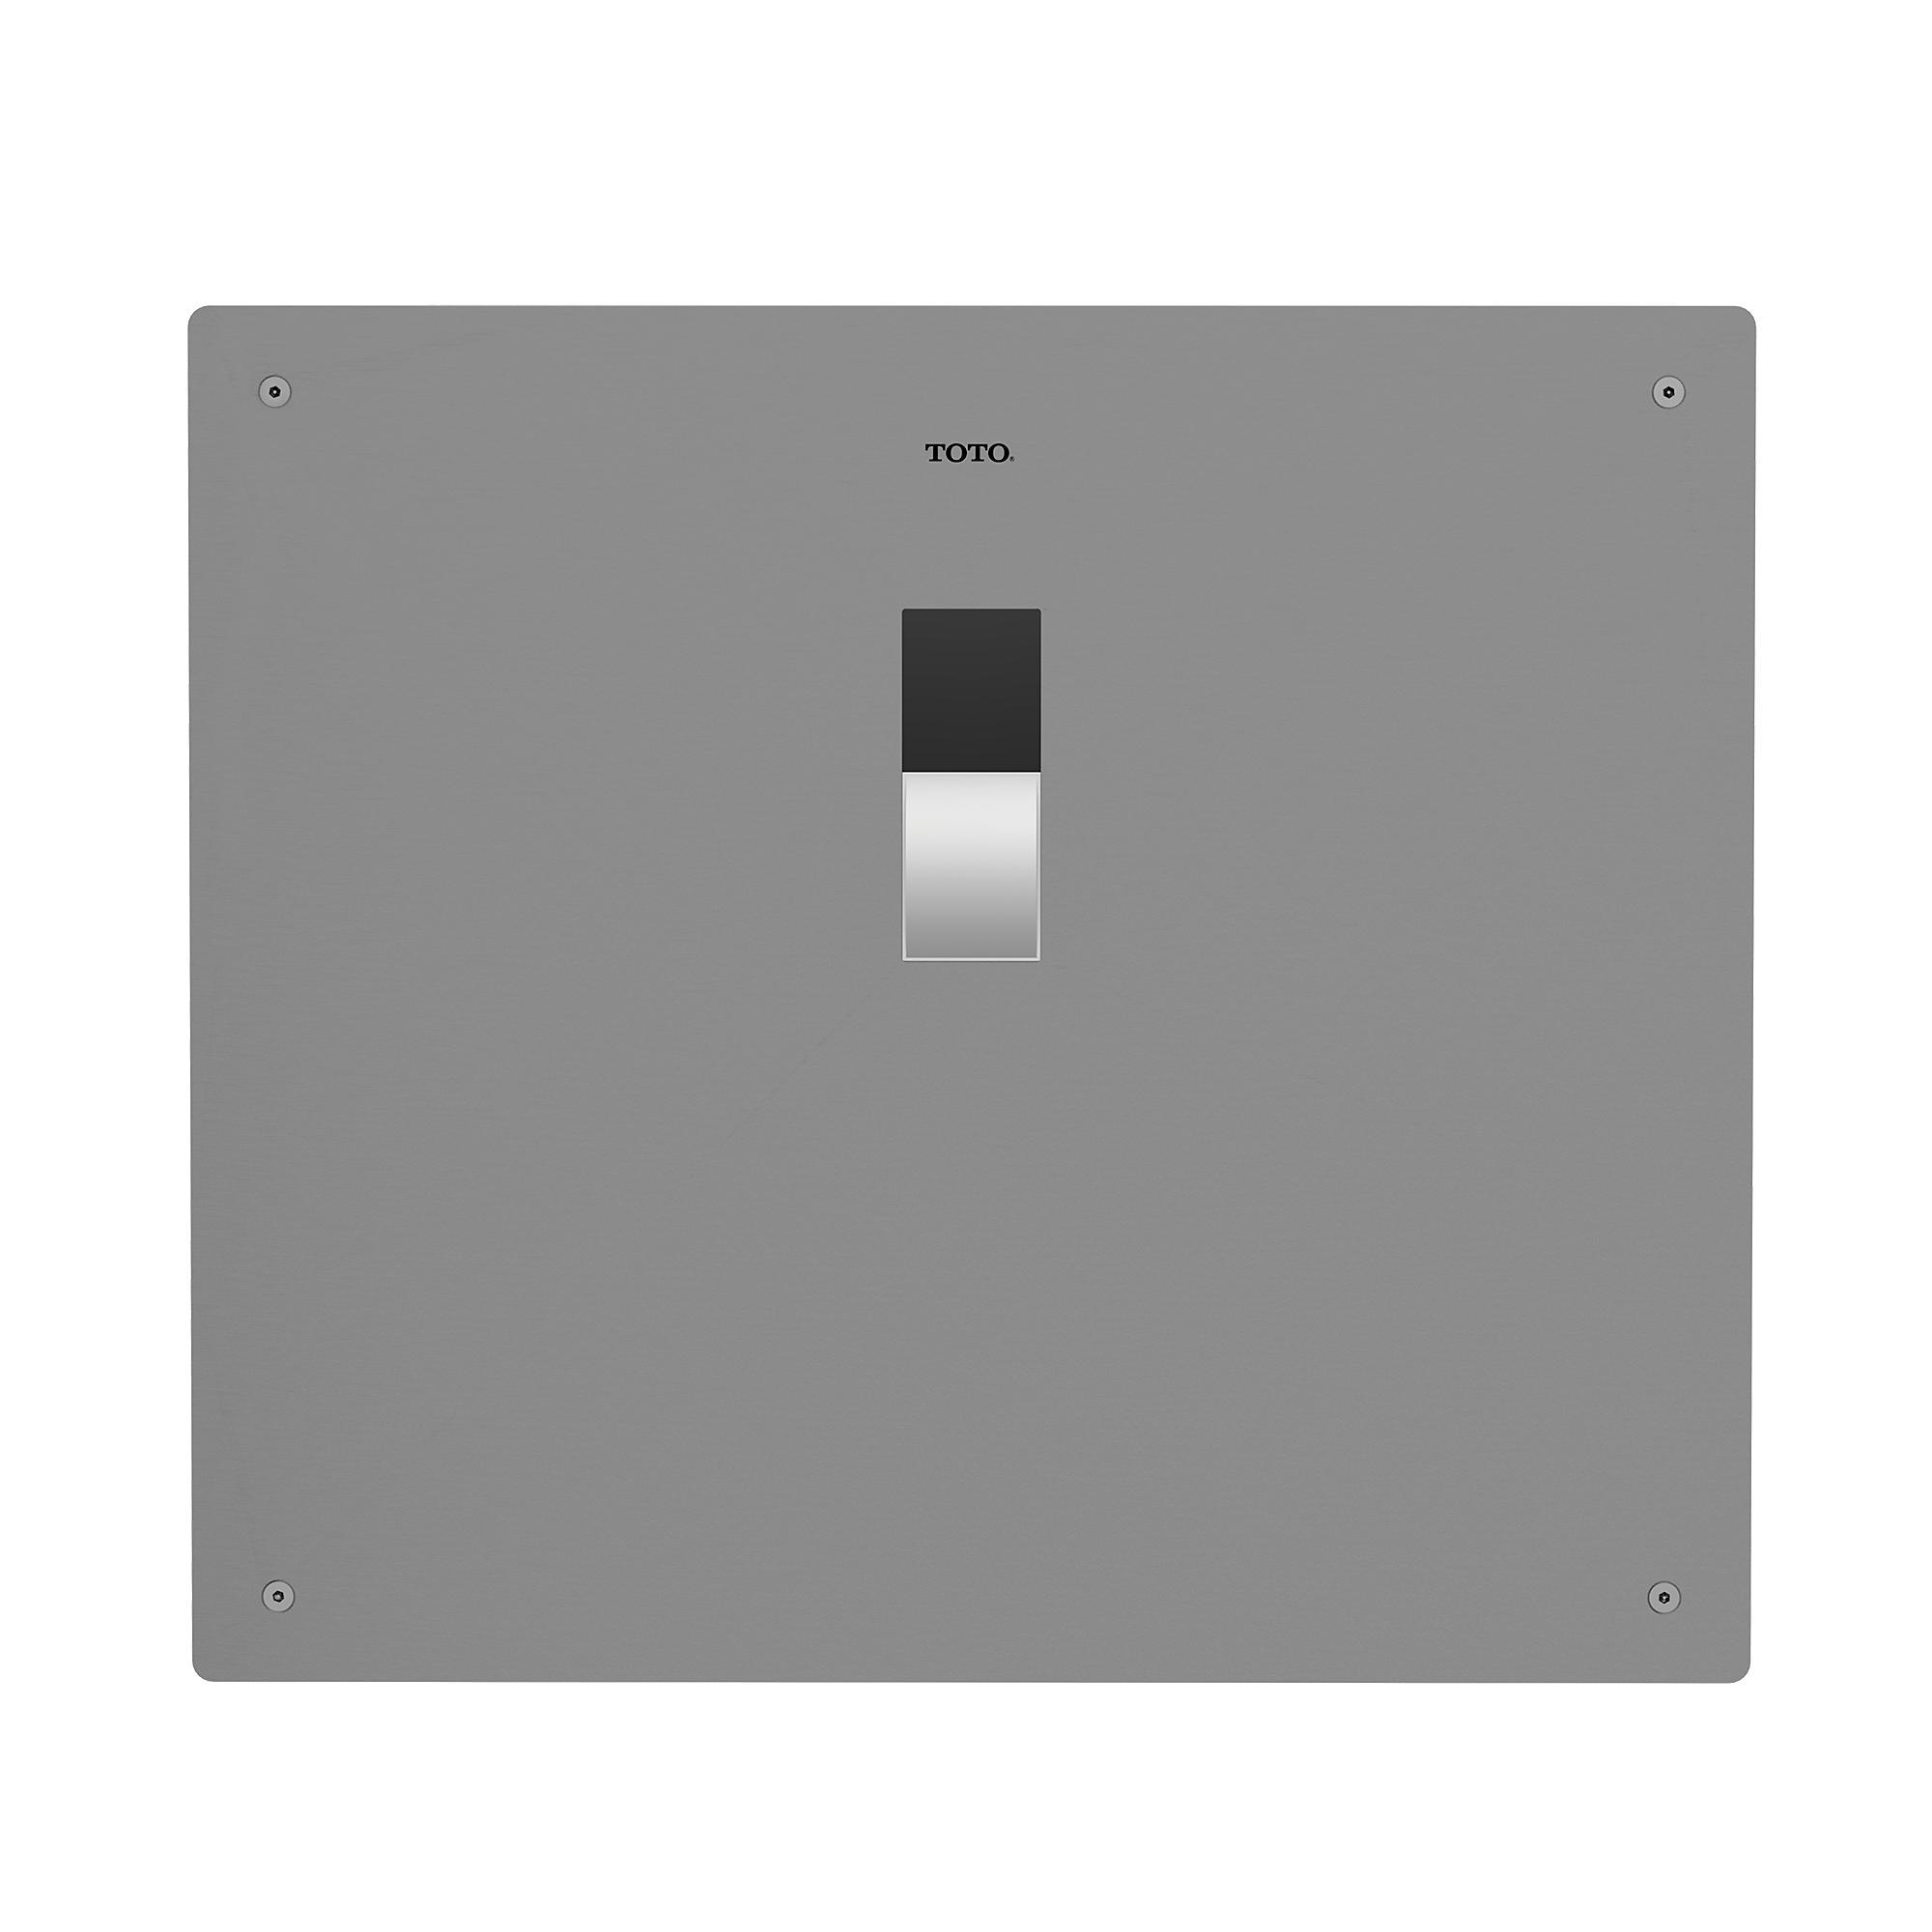 Teu2la12 ss ecopower  high efficiency concealed urinal flush valve   0 5 gpf  v b  set   top spud  0